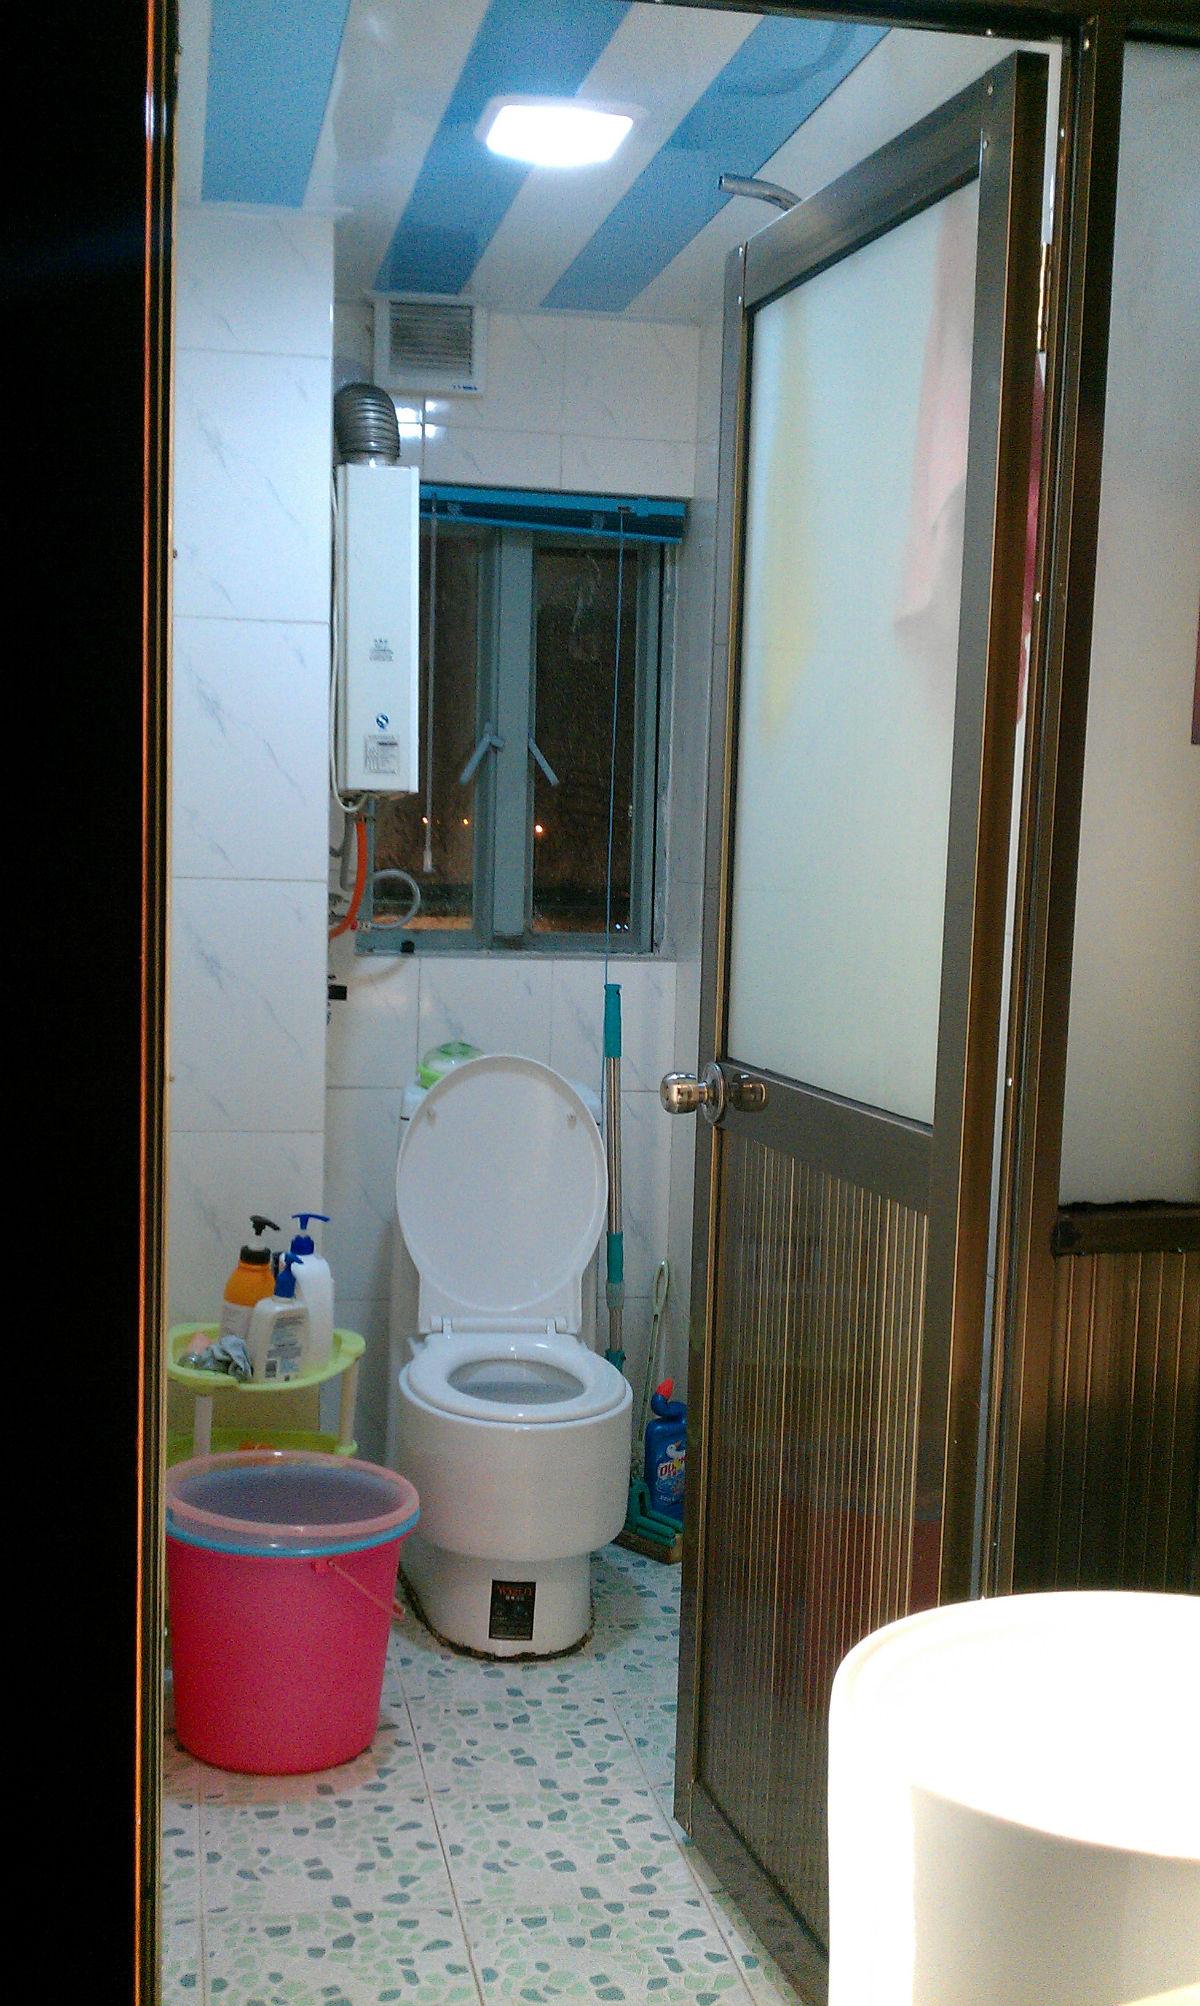 民治碧水龙庭复式单身公寓样板房出租图片